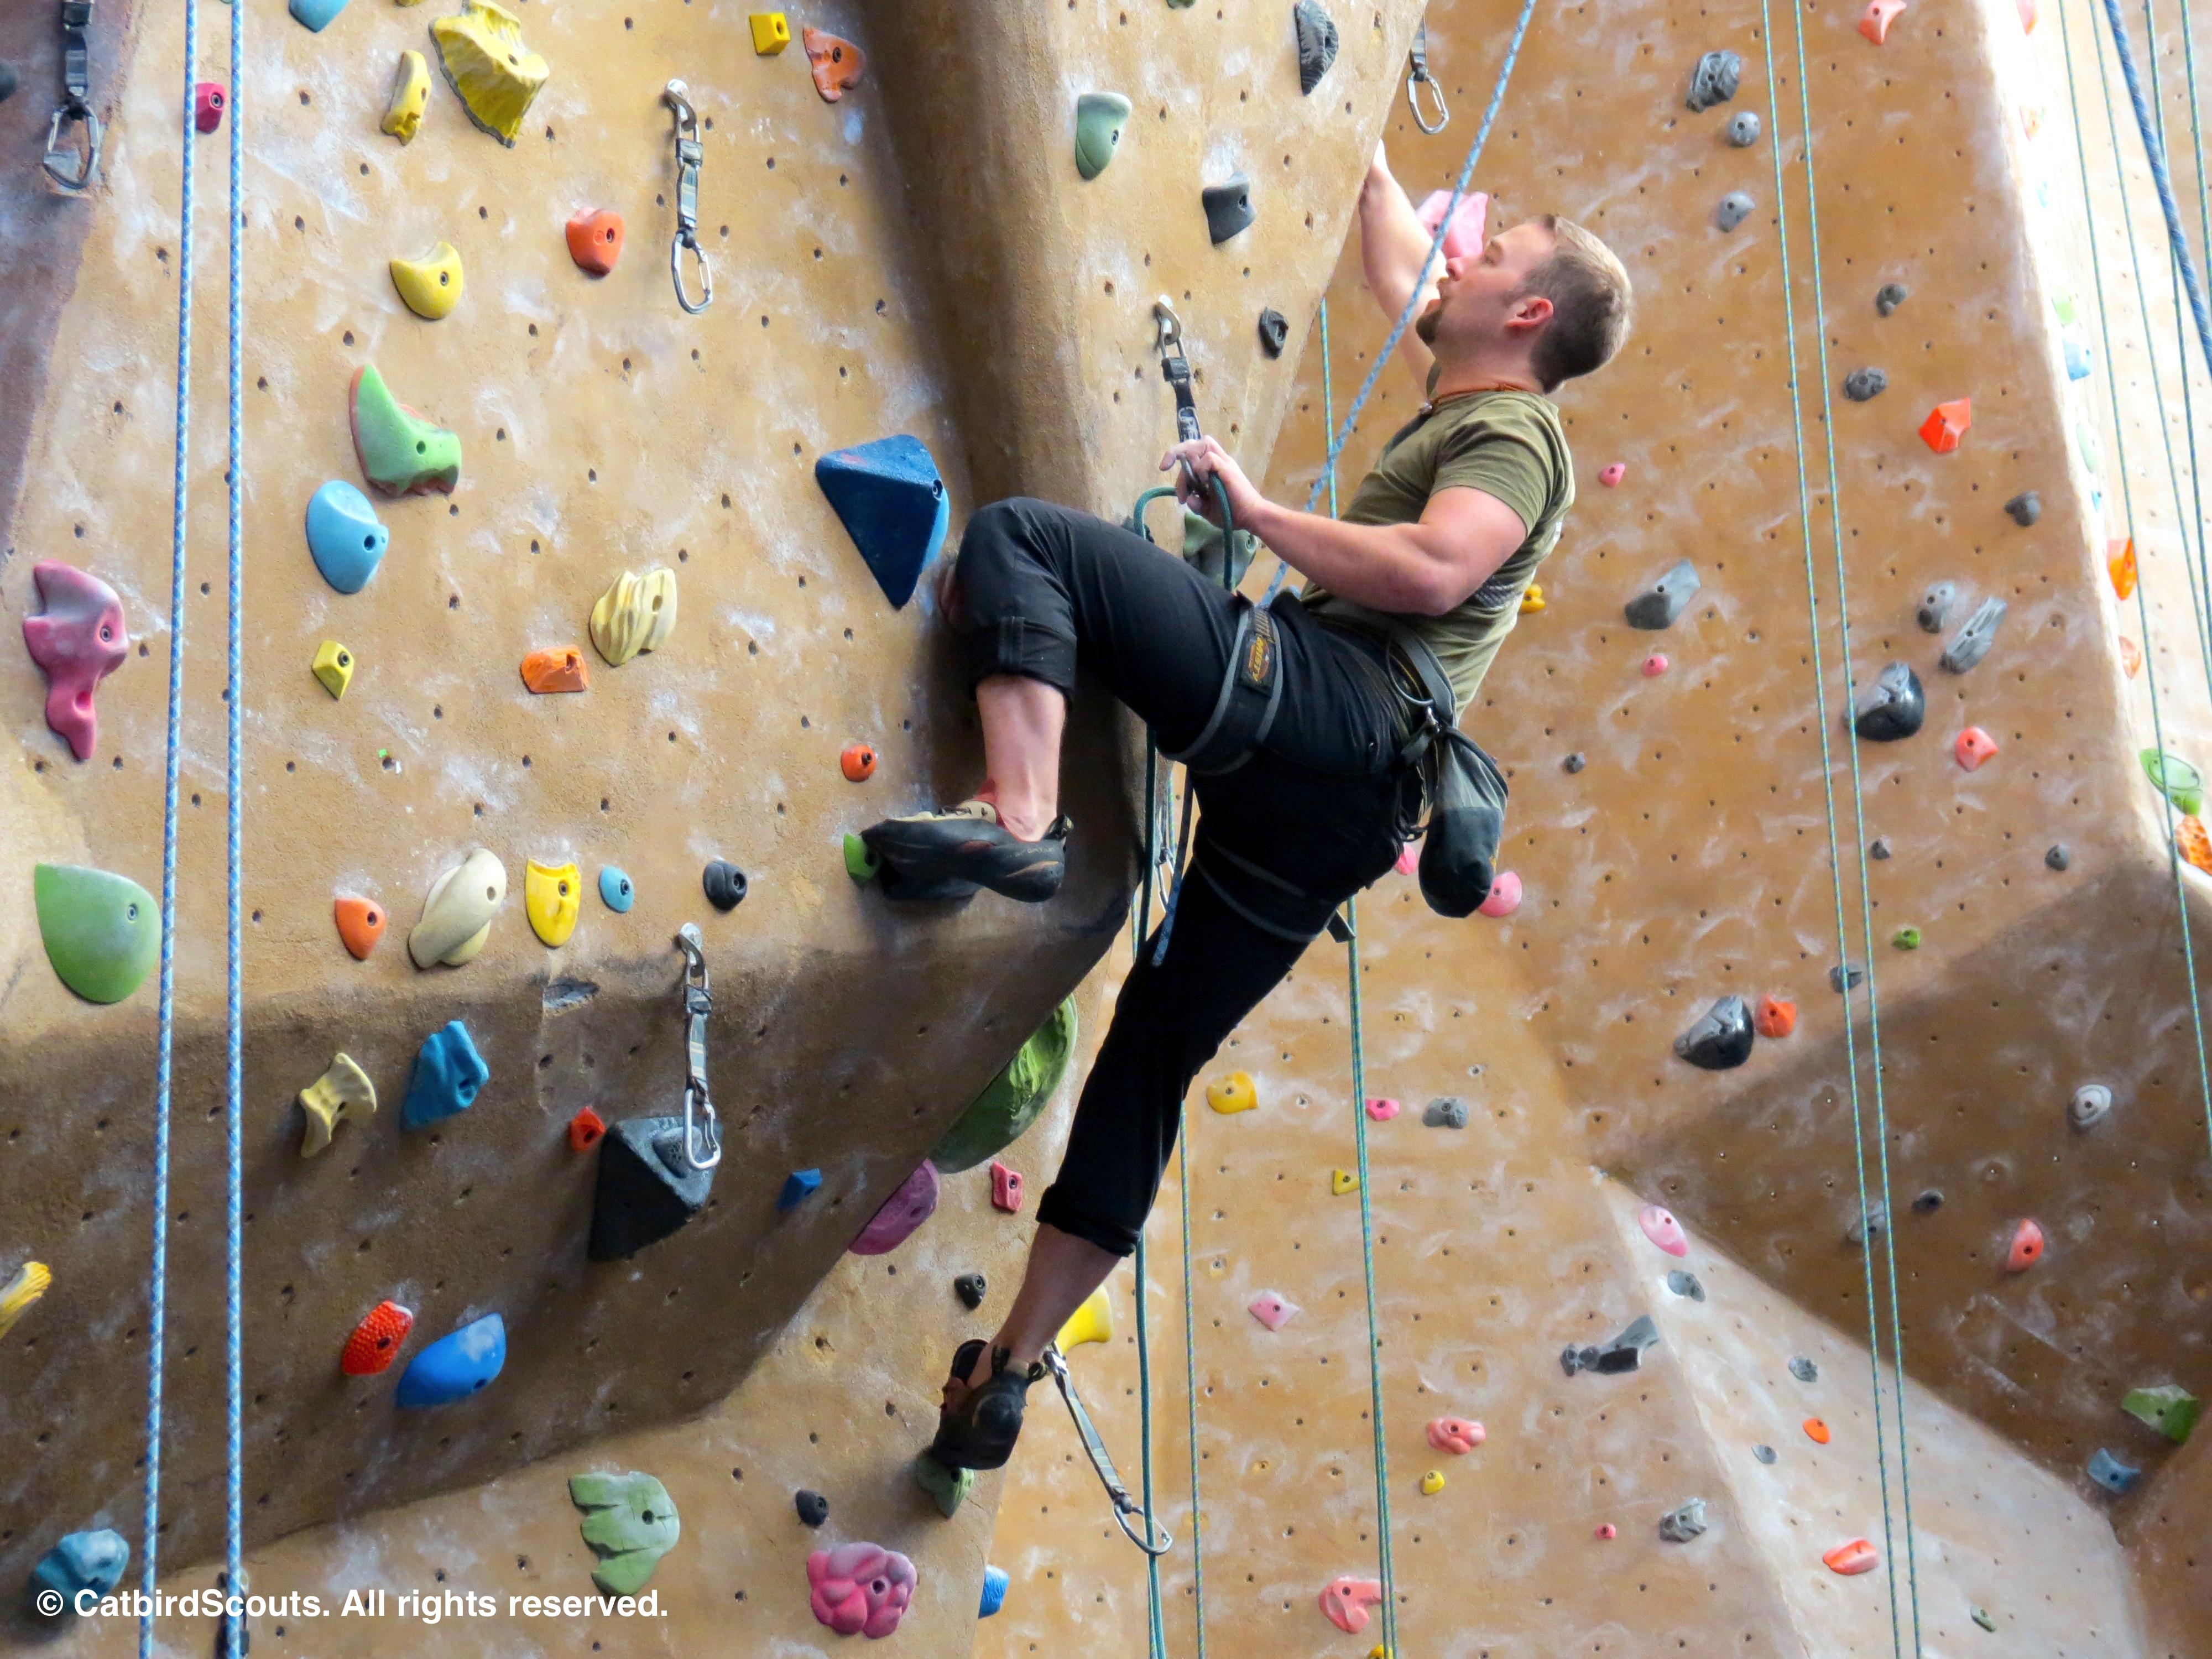 ClimbingWall-Catbird-Scouts